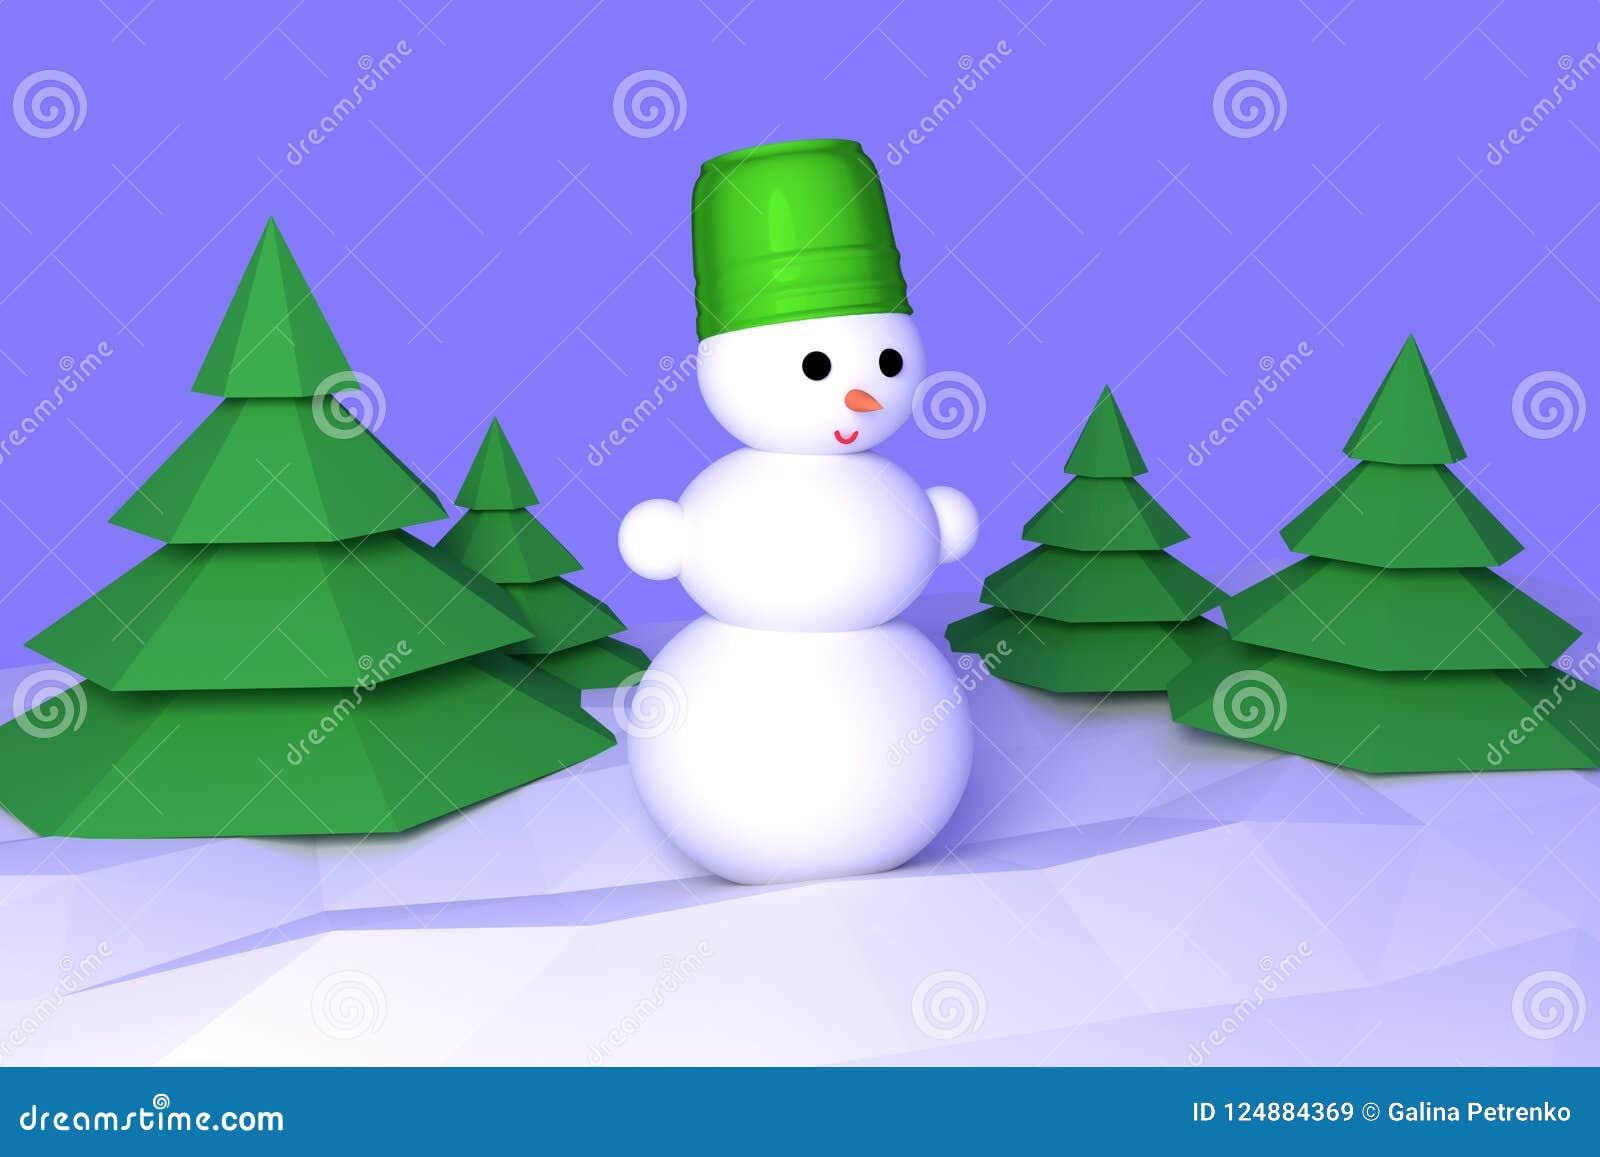 La Carte De Voeux De Bonne Année Pour Le Bonhomme De Neige